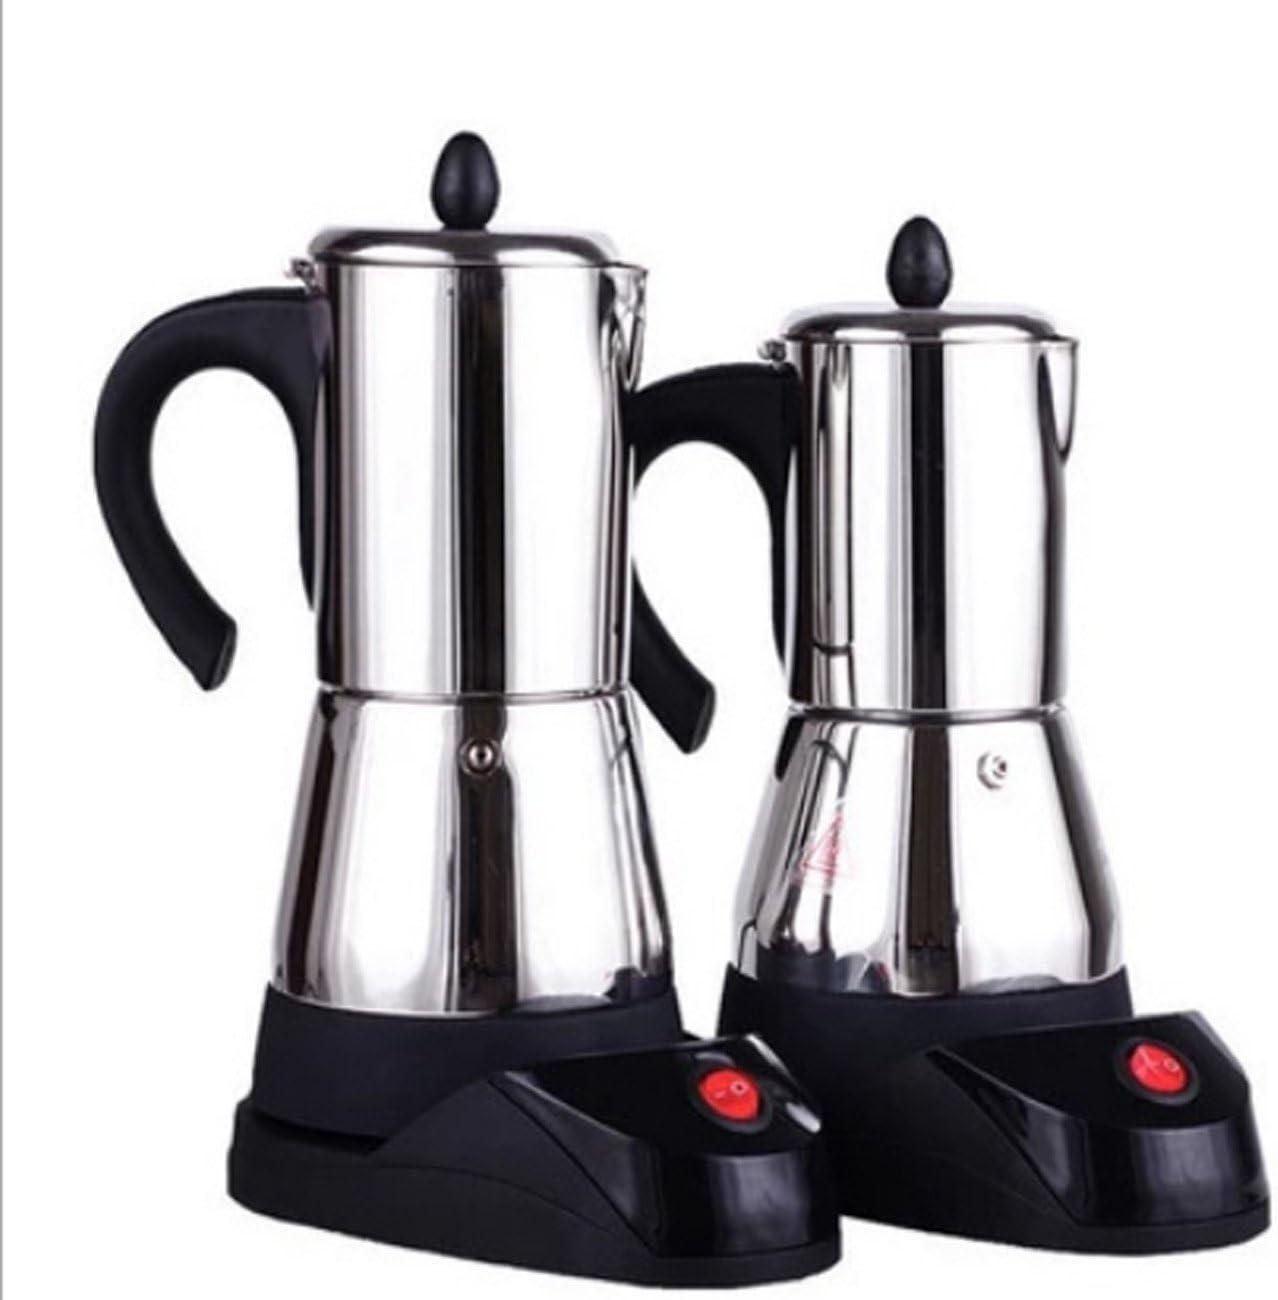 Cafetera eléctrica portátil Cafetera Moka con estufa eléctrica Cafetera espresso clásica europea, acero inoxidable, filtro permanente y mango resistente al calor, 200 ml / 300 ml (Capacity : 300ml) : Amazon.es: Deportes y aire libre